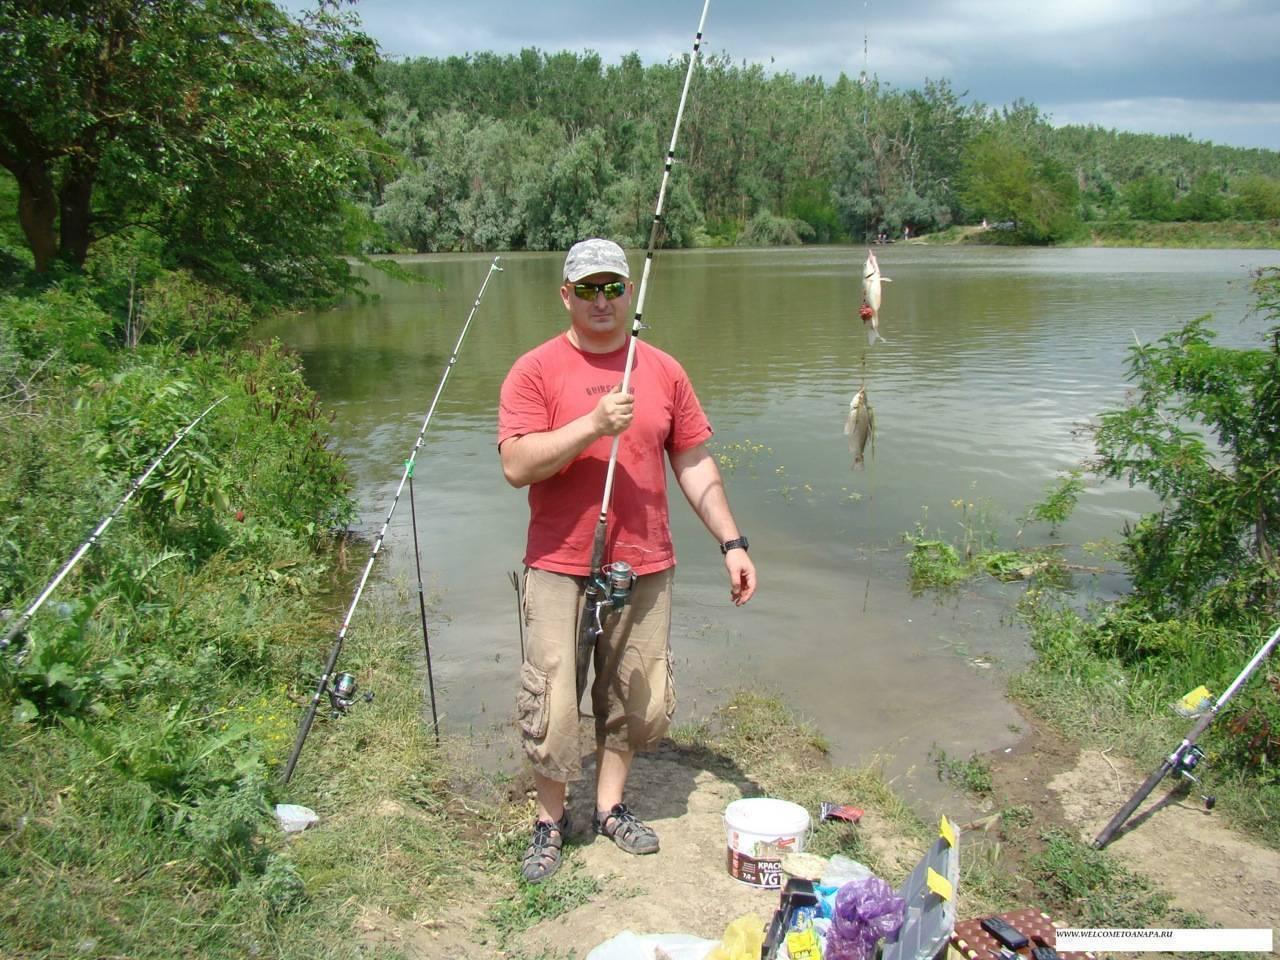 Рыбалка на иртыше, какая рыба водится в районе демьянского, тобольска, тугалово